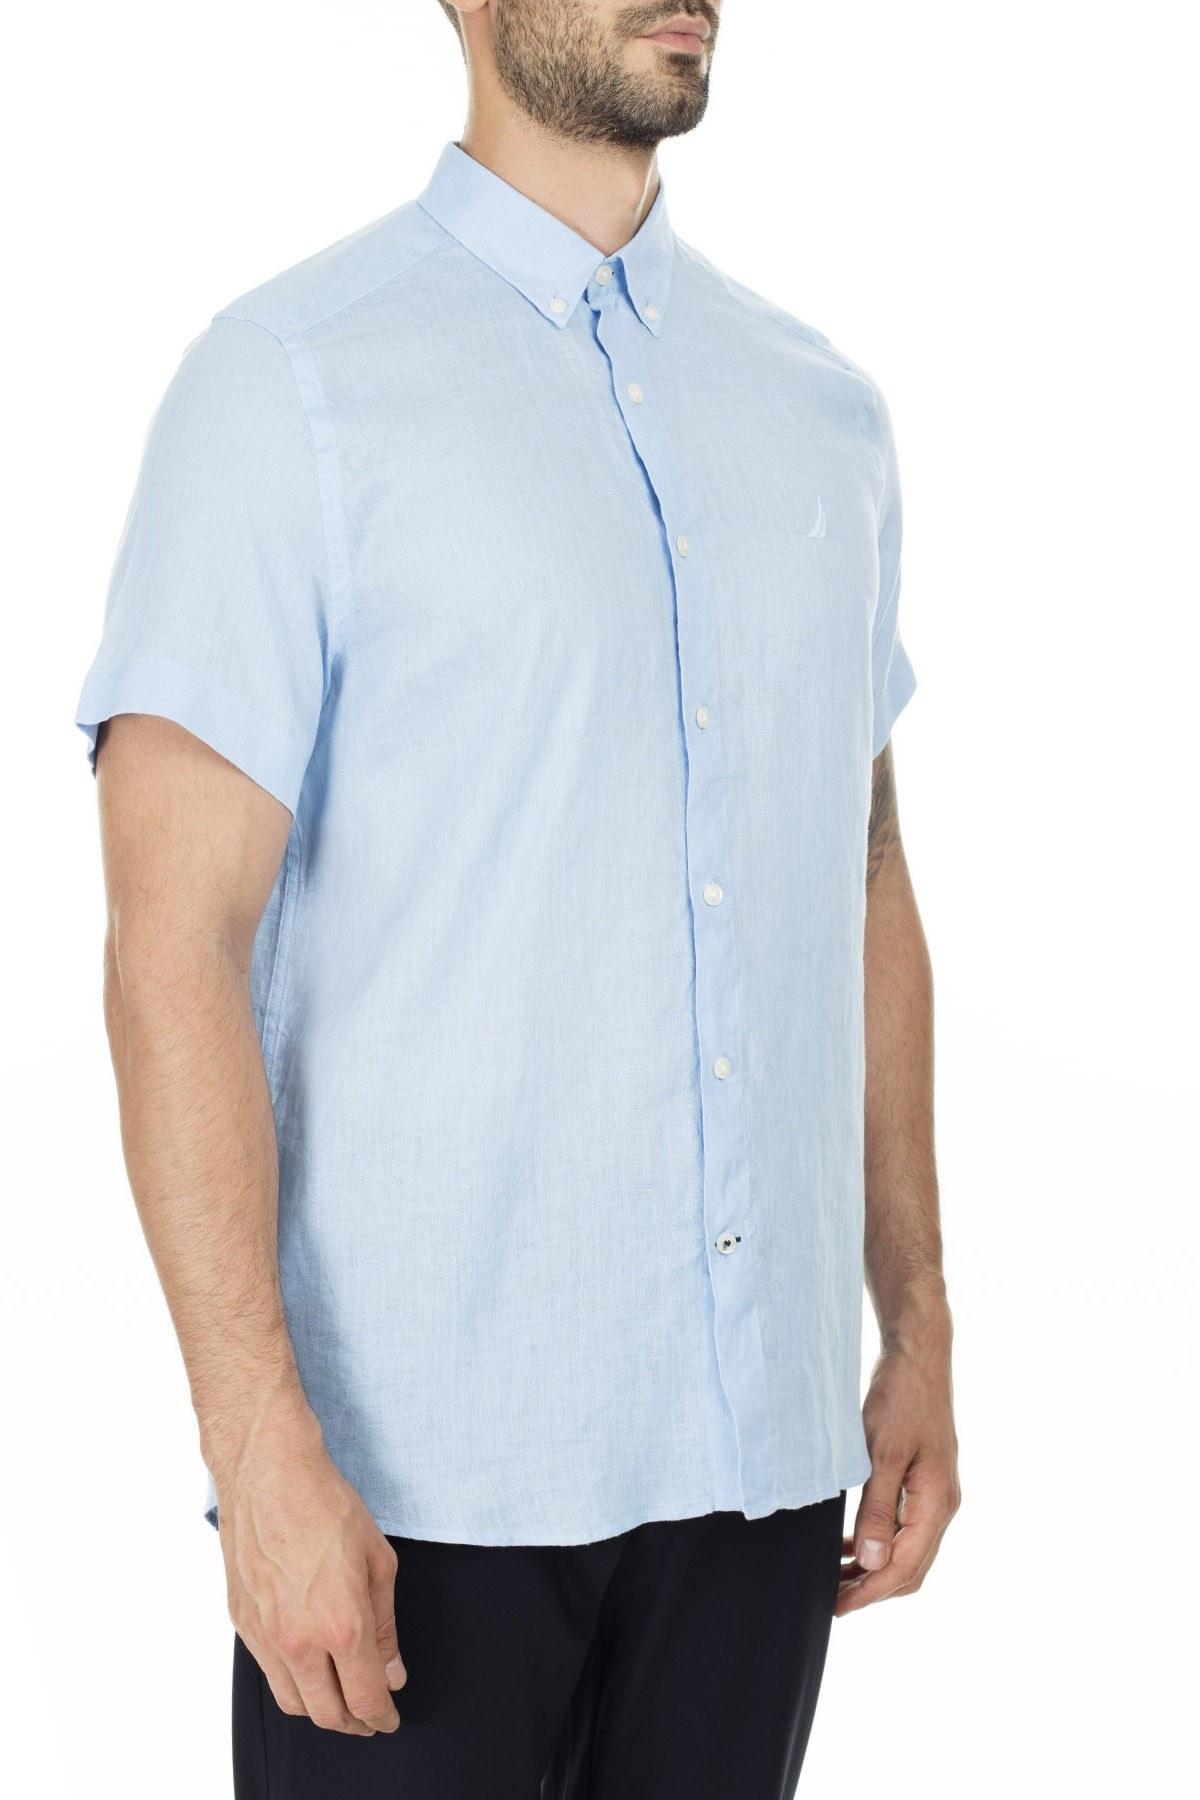 Nautica Erkek Gömlek W01900T 4NN MAVİ